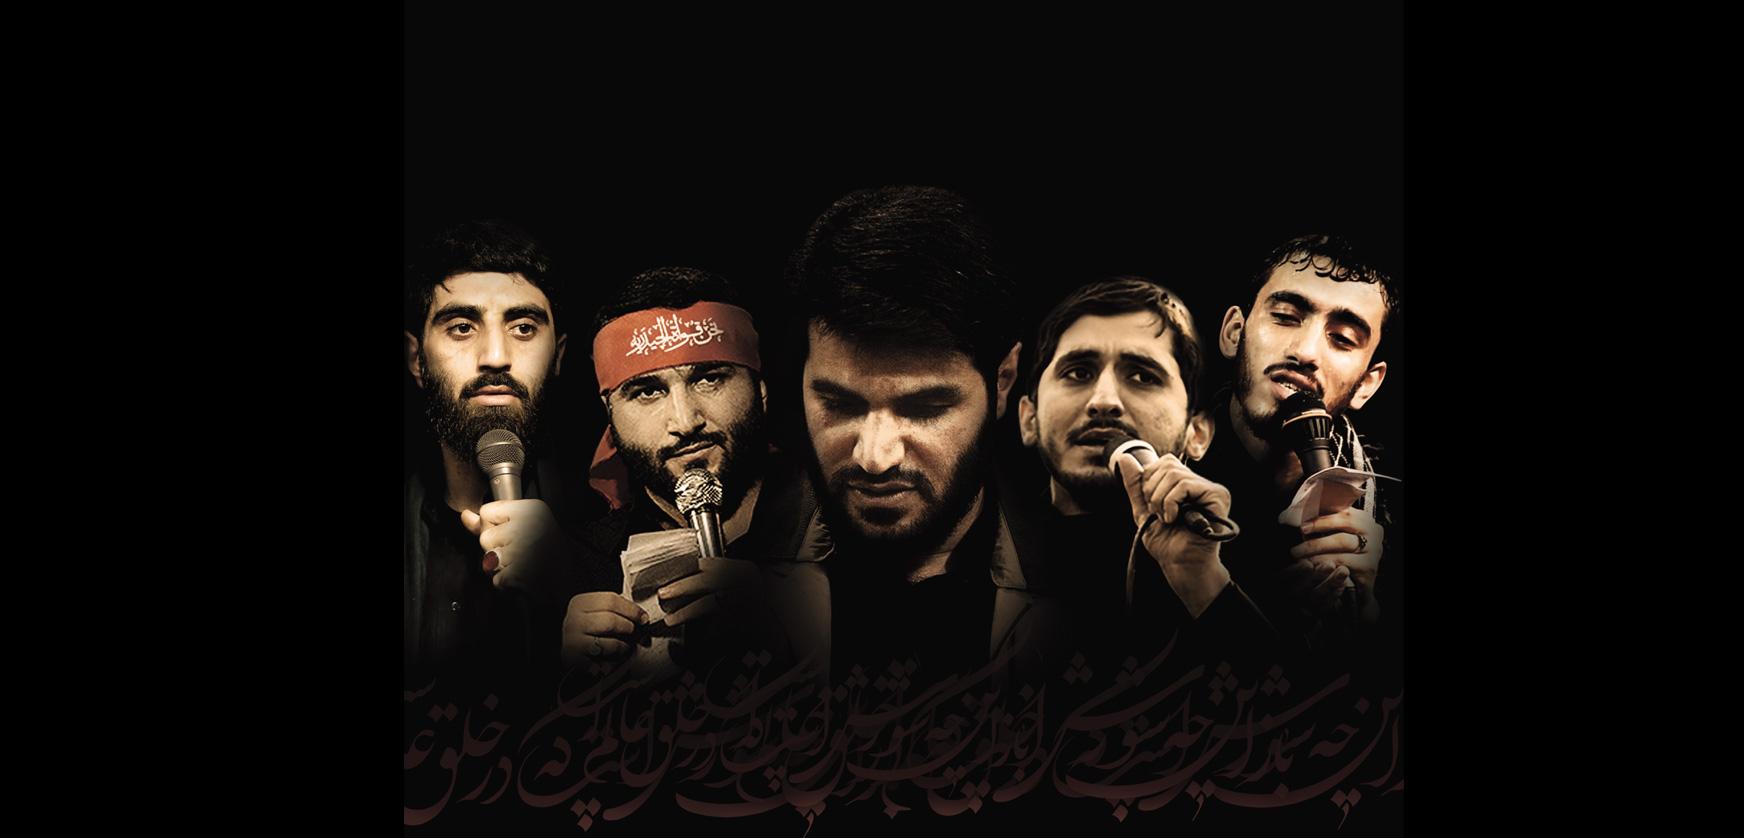 گزارشی در باره نسل جدید ذاکرین اهلبیت علیهمالسلام